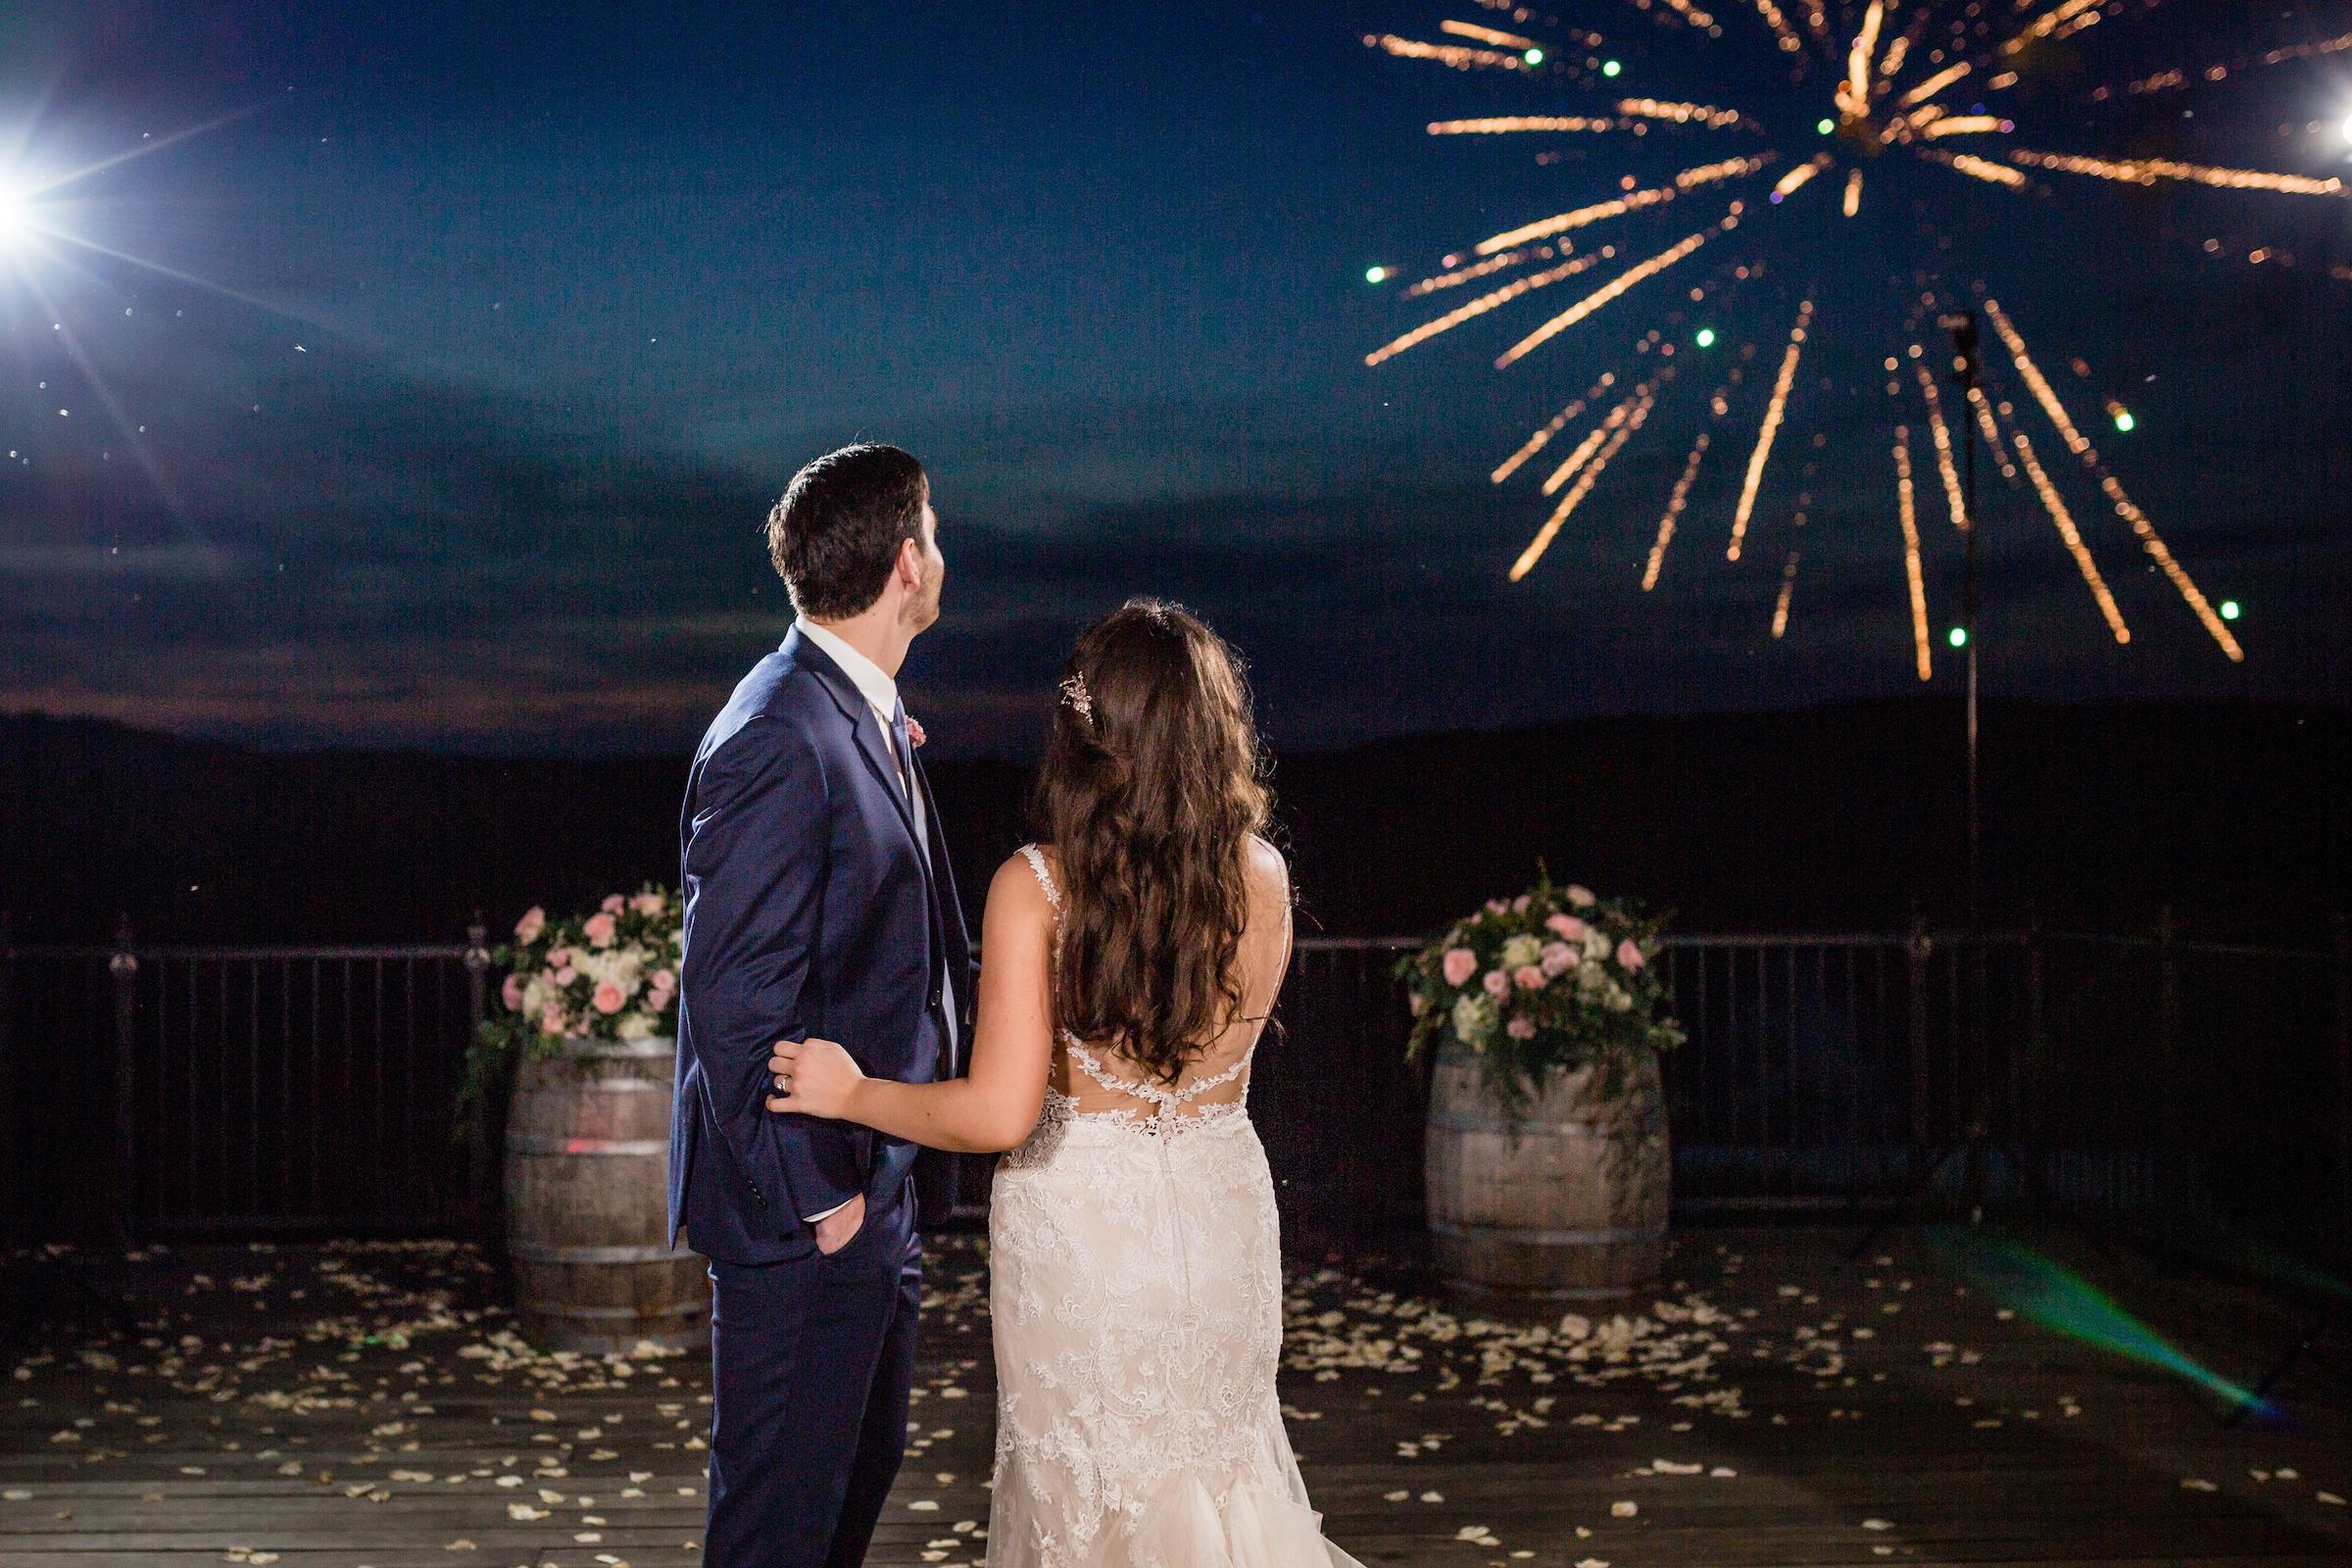 brielle-davis-events-kairos-photography-chandler-hill-wedding-dancing-634.jpg